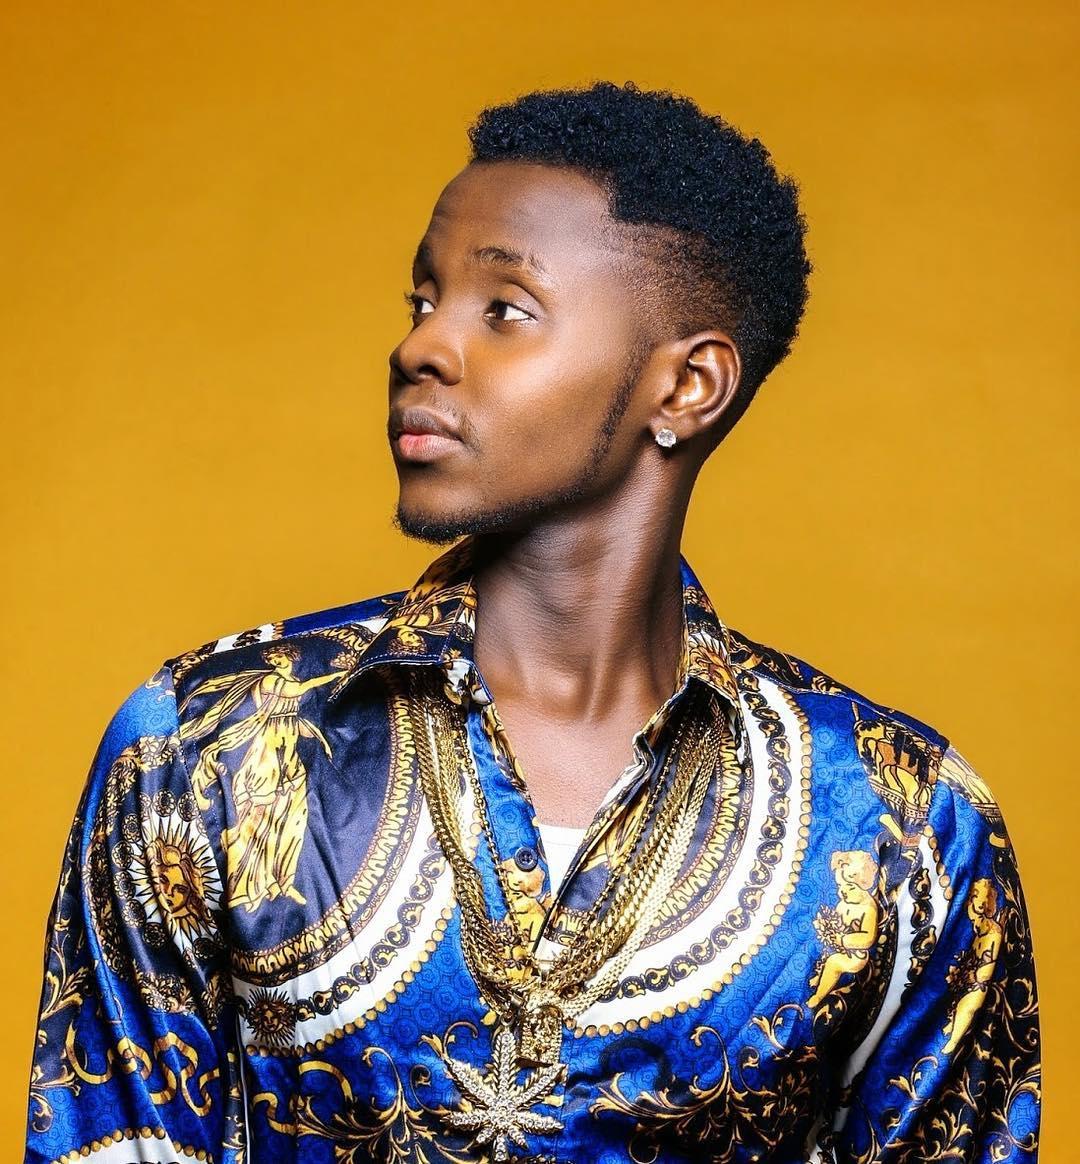 NIGERIAN BILLBOARD 2017 HOT TEN SONGS NOVEMBER 7TH